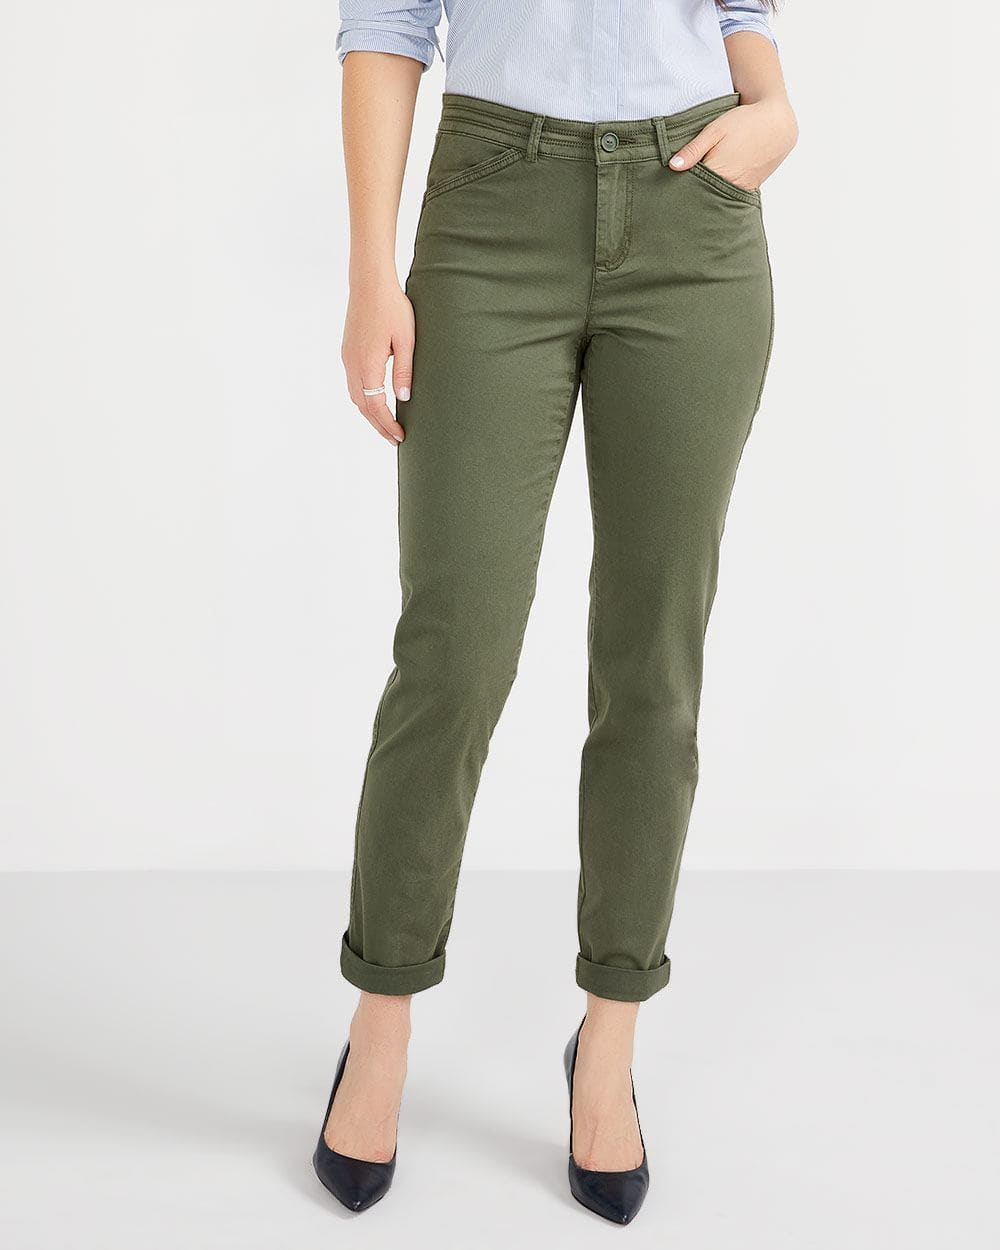 Tall Solid Slim Leg Chino Pants